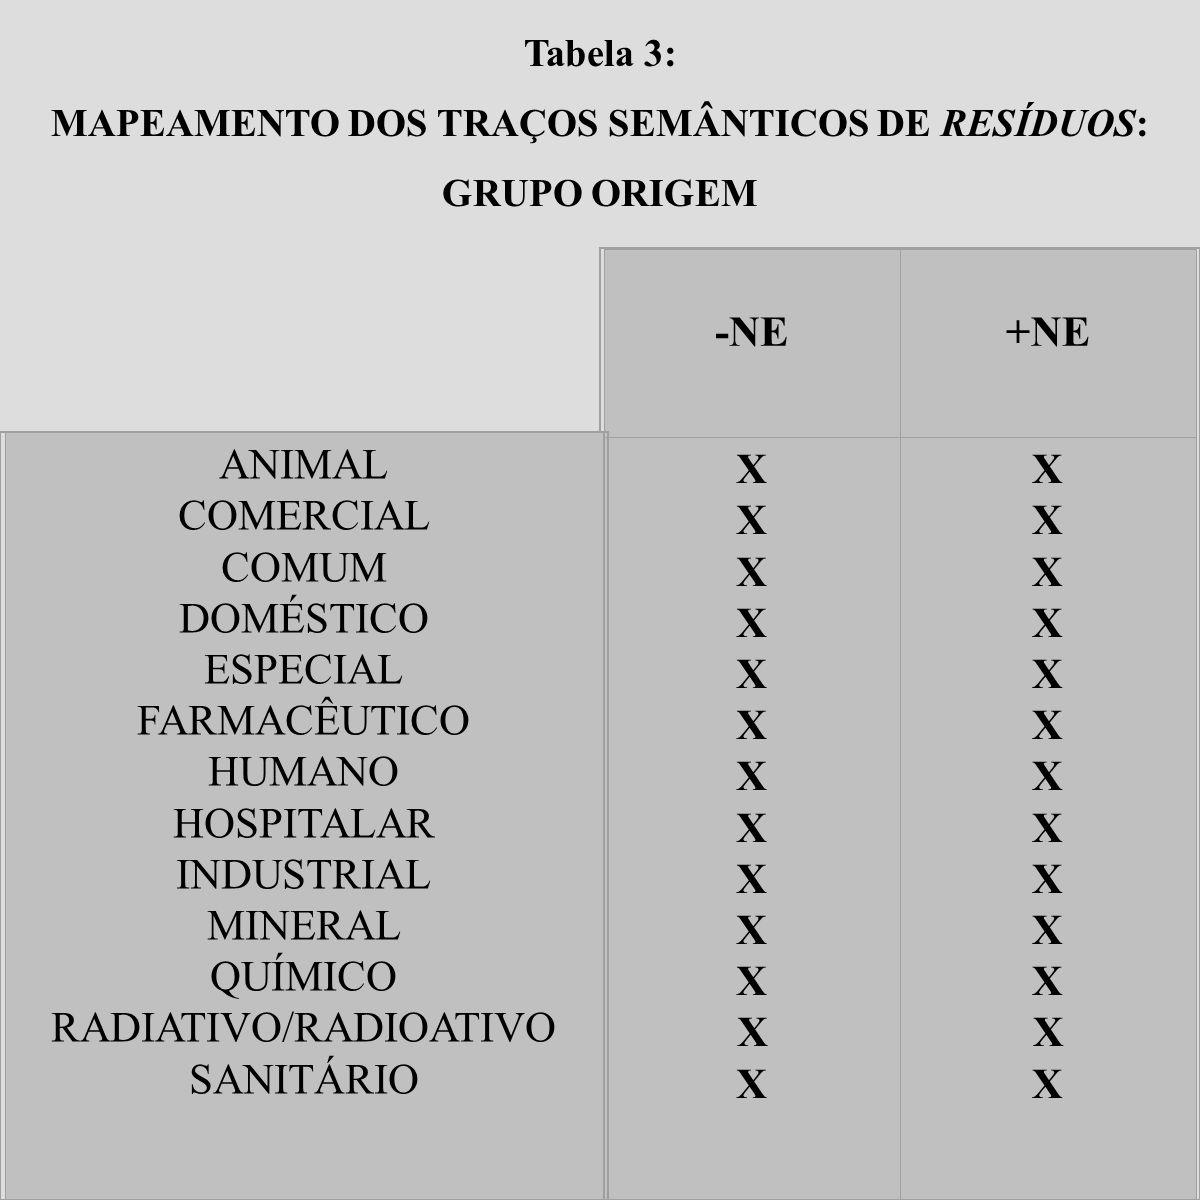 Tabela 3: MAPEAMENTO DOS TRAÇOS SEMÂNTICOS DE RESÍDUOS: GRUPO ORIGEM -NE+NE X ANIMAL COMERCIAL COMUM DOMÉSTICO ESPECIAL FARMACÊUTICO HUMANO HOSPITALAR